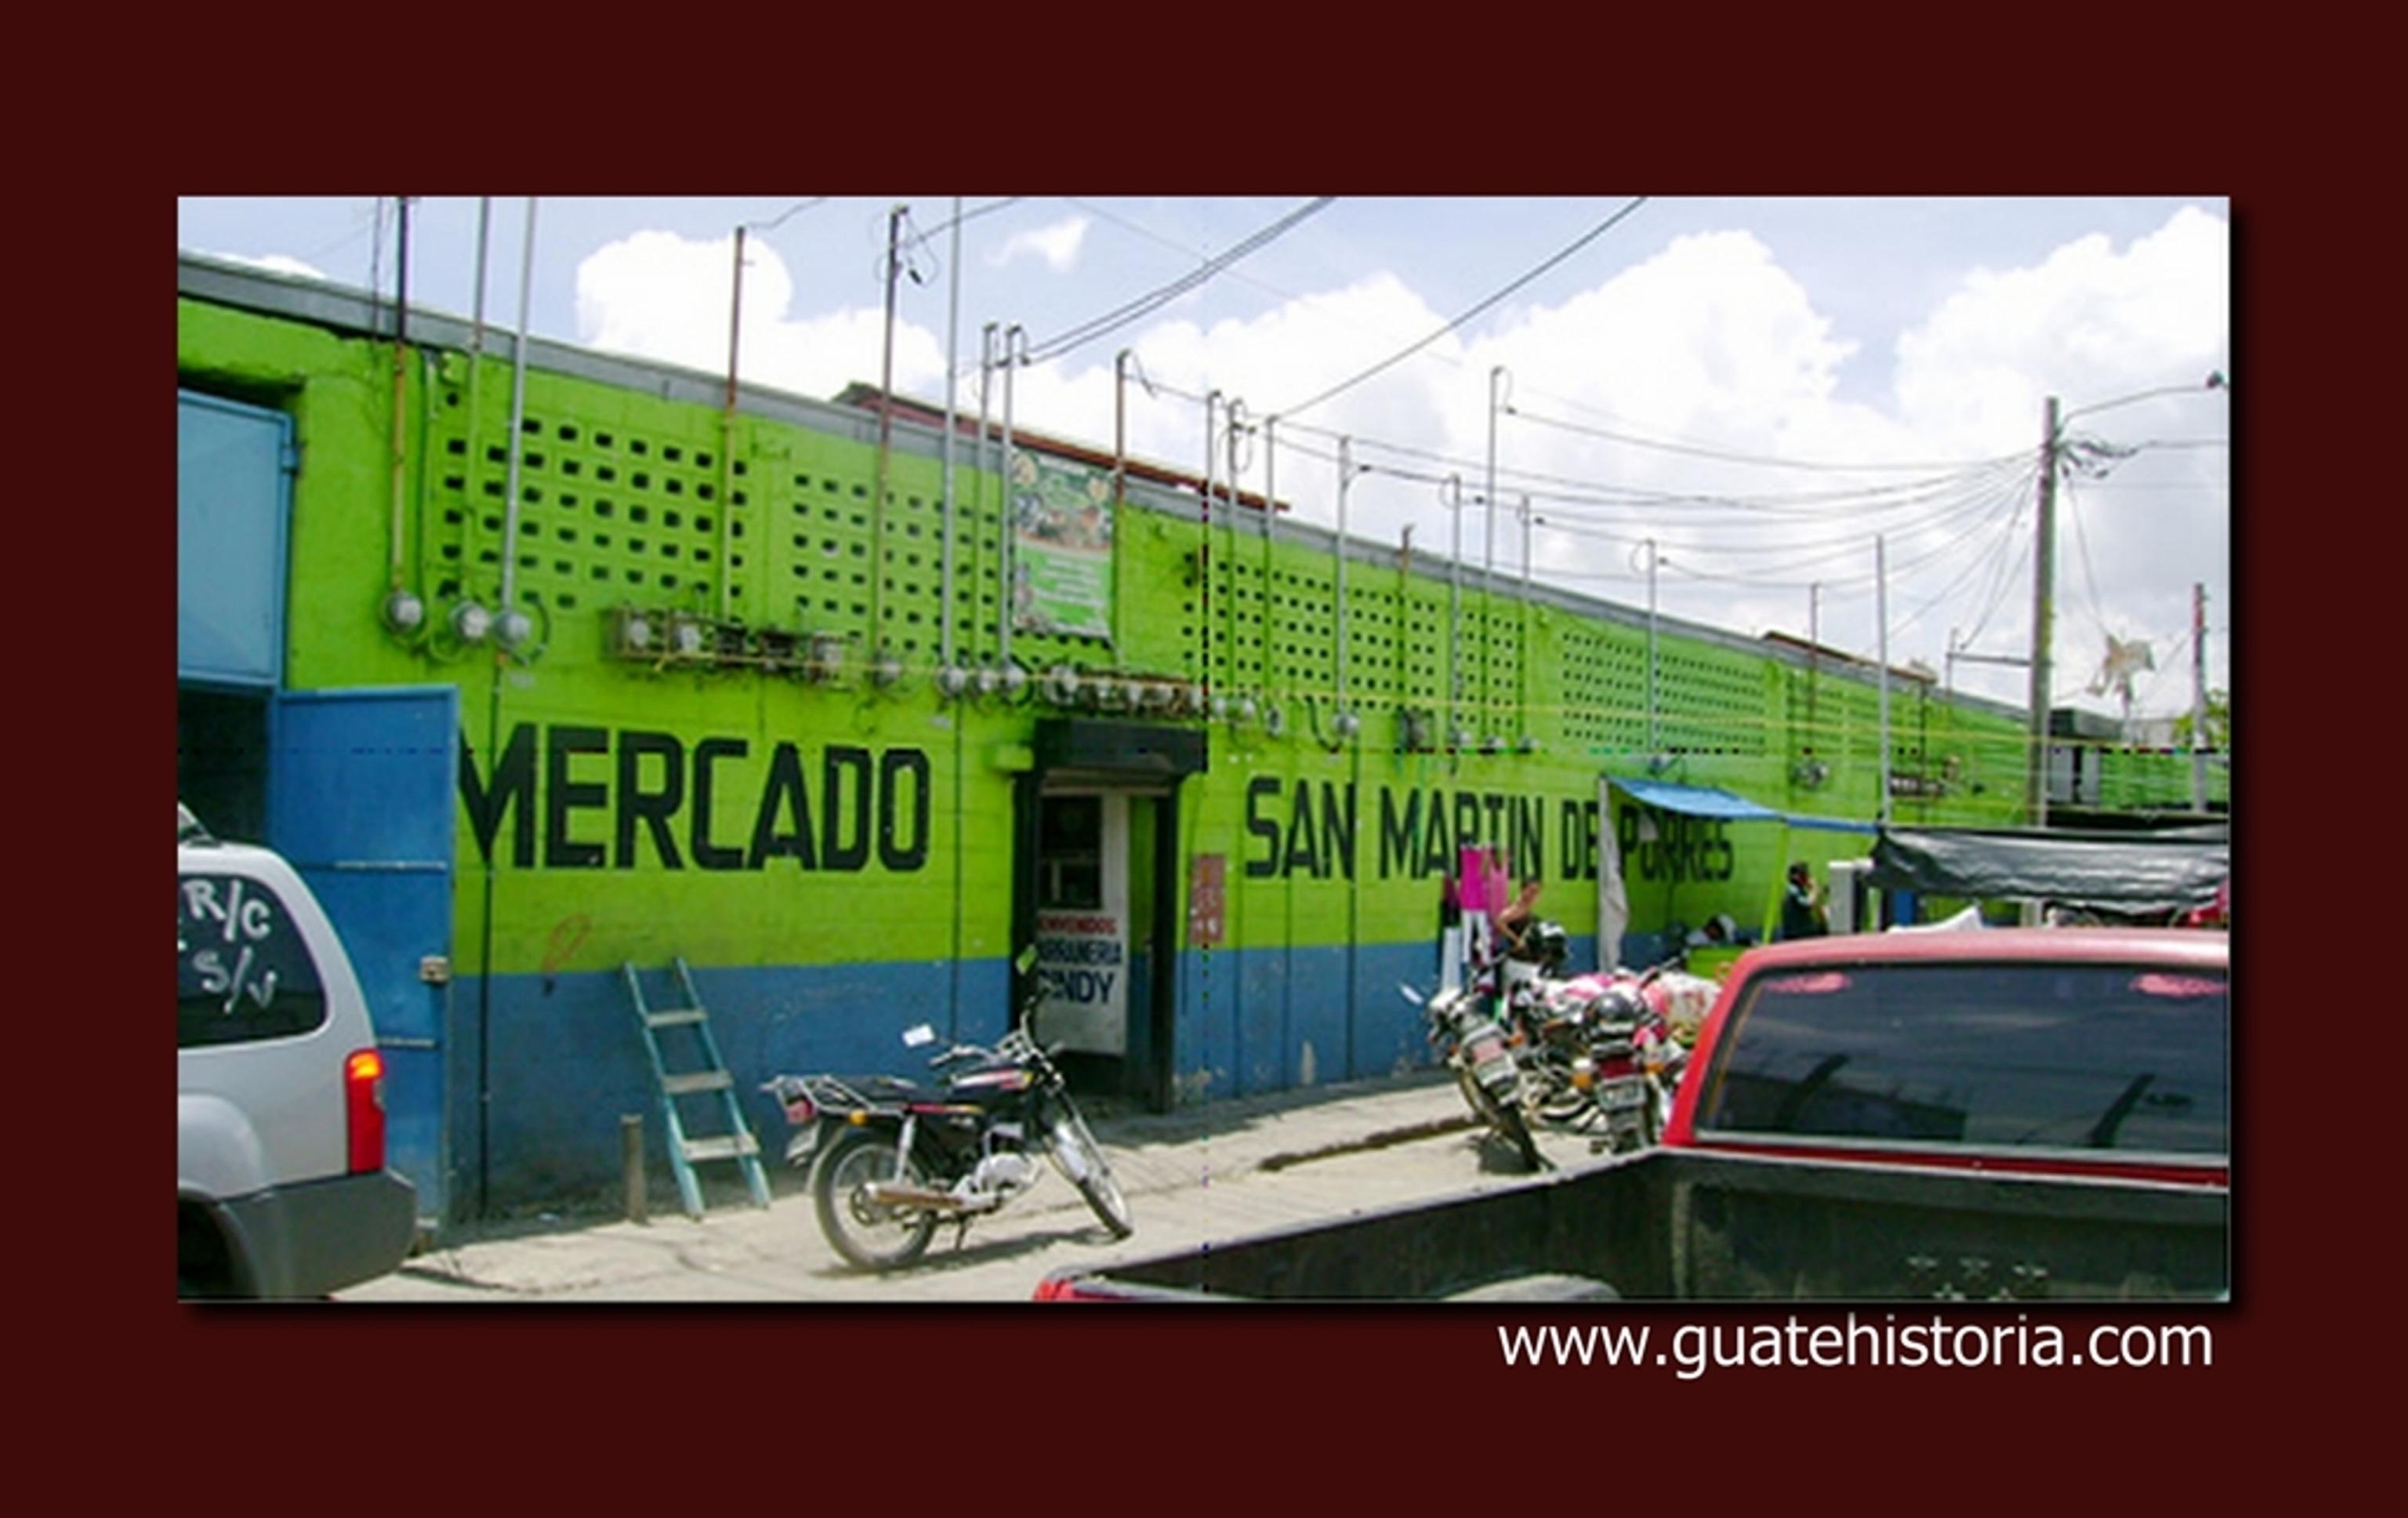 Mercado San Martín de Porres